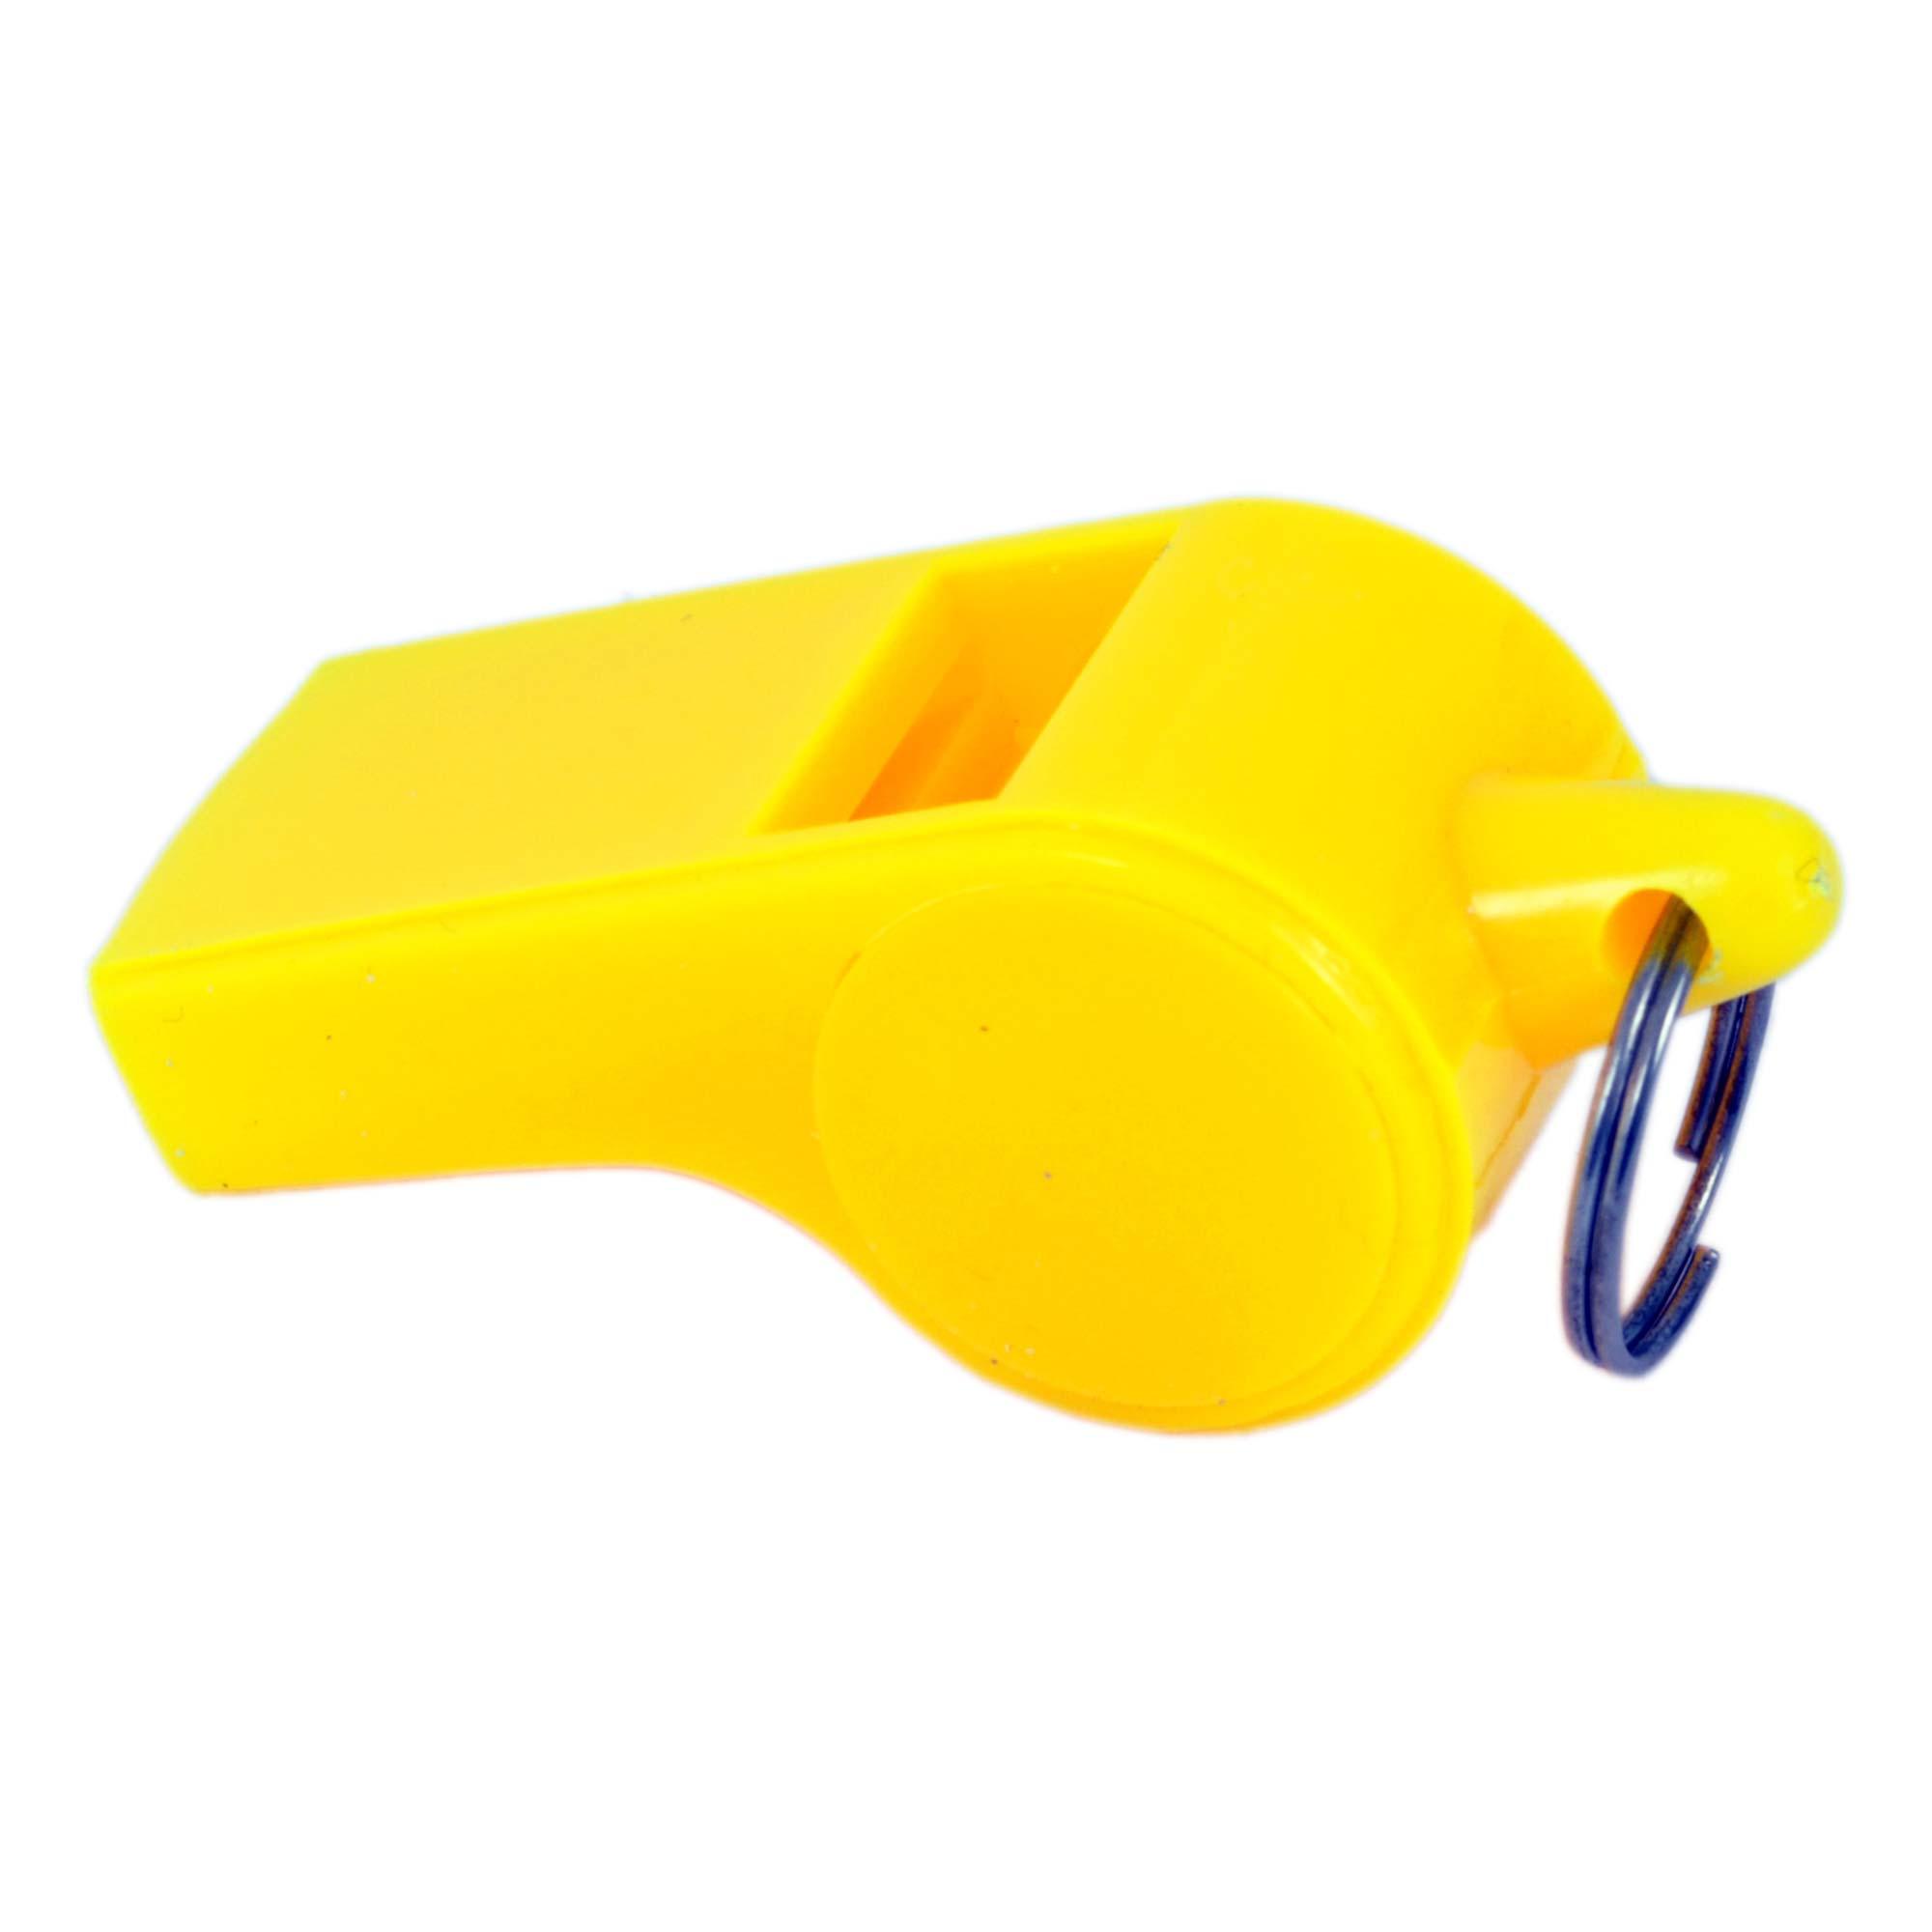 Apito Plastico Cardeal C/ Esfera Avulso 08102